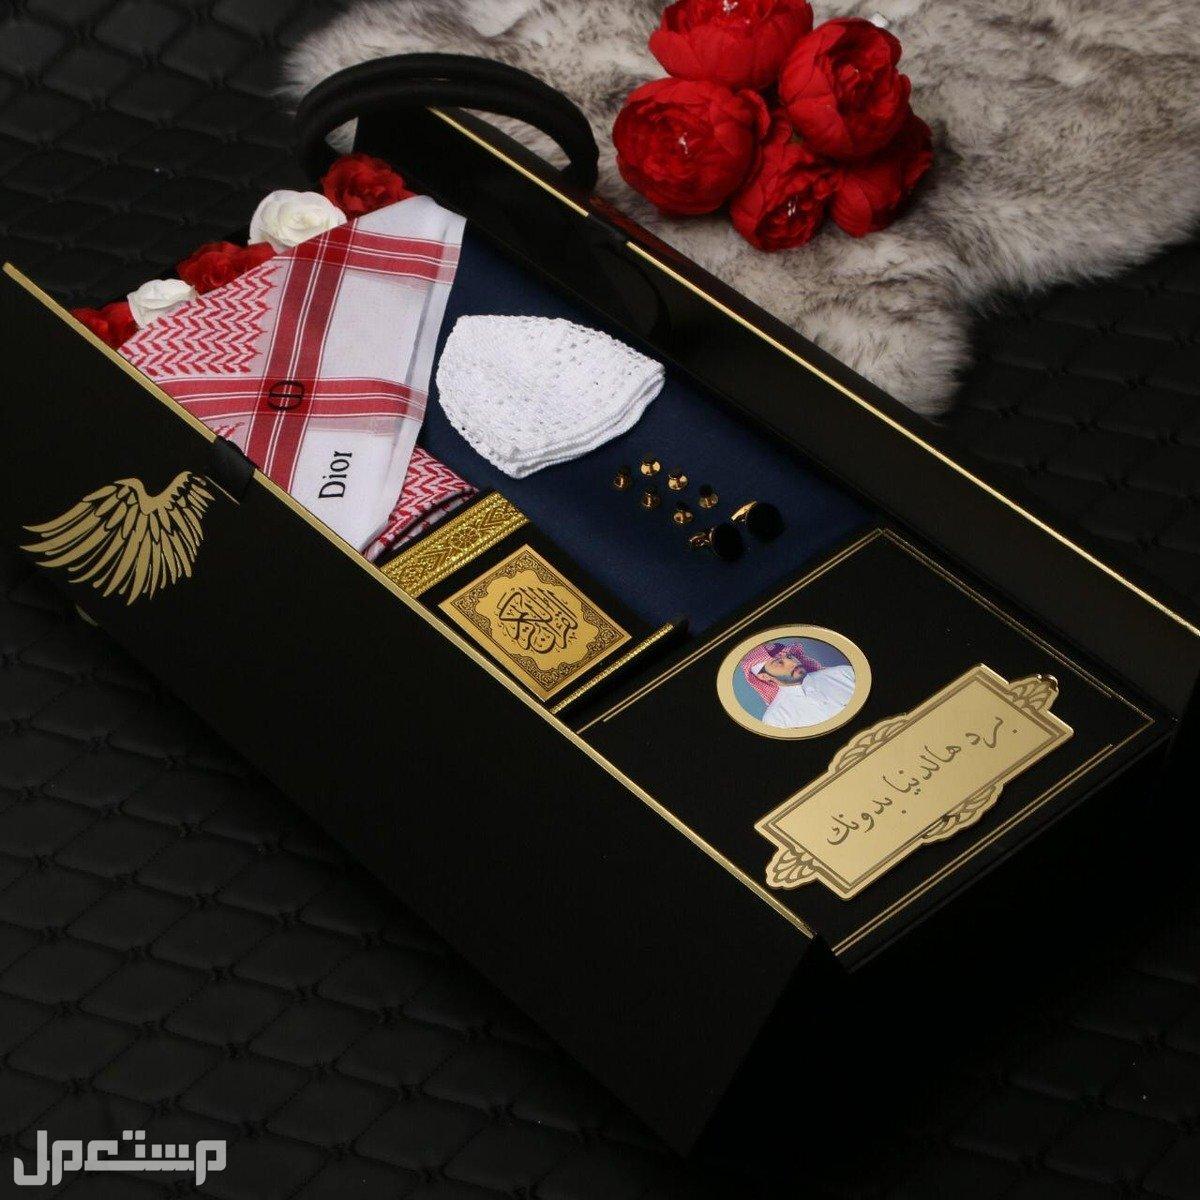 بوكس هدايا رجالي مع تنسيق الهديه بشكل مميز وانيق